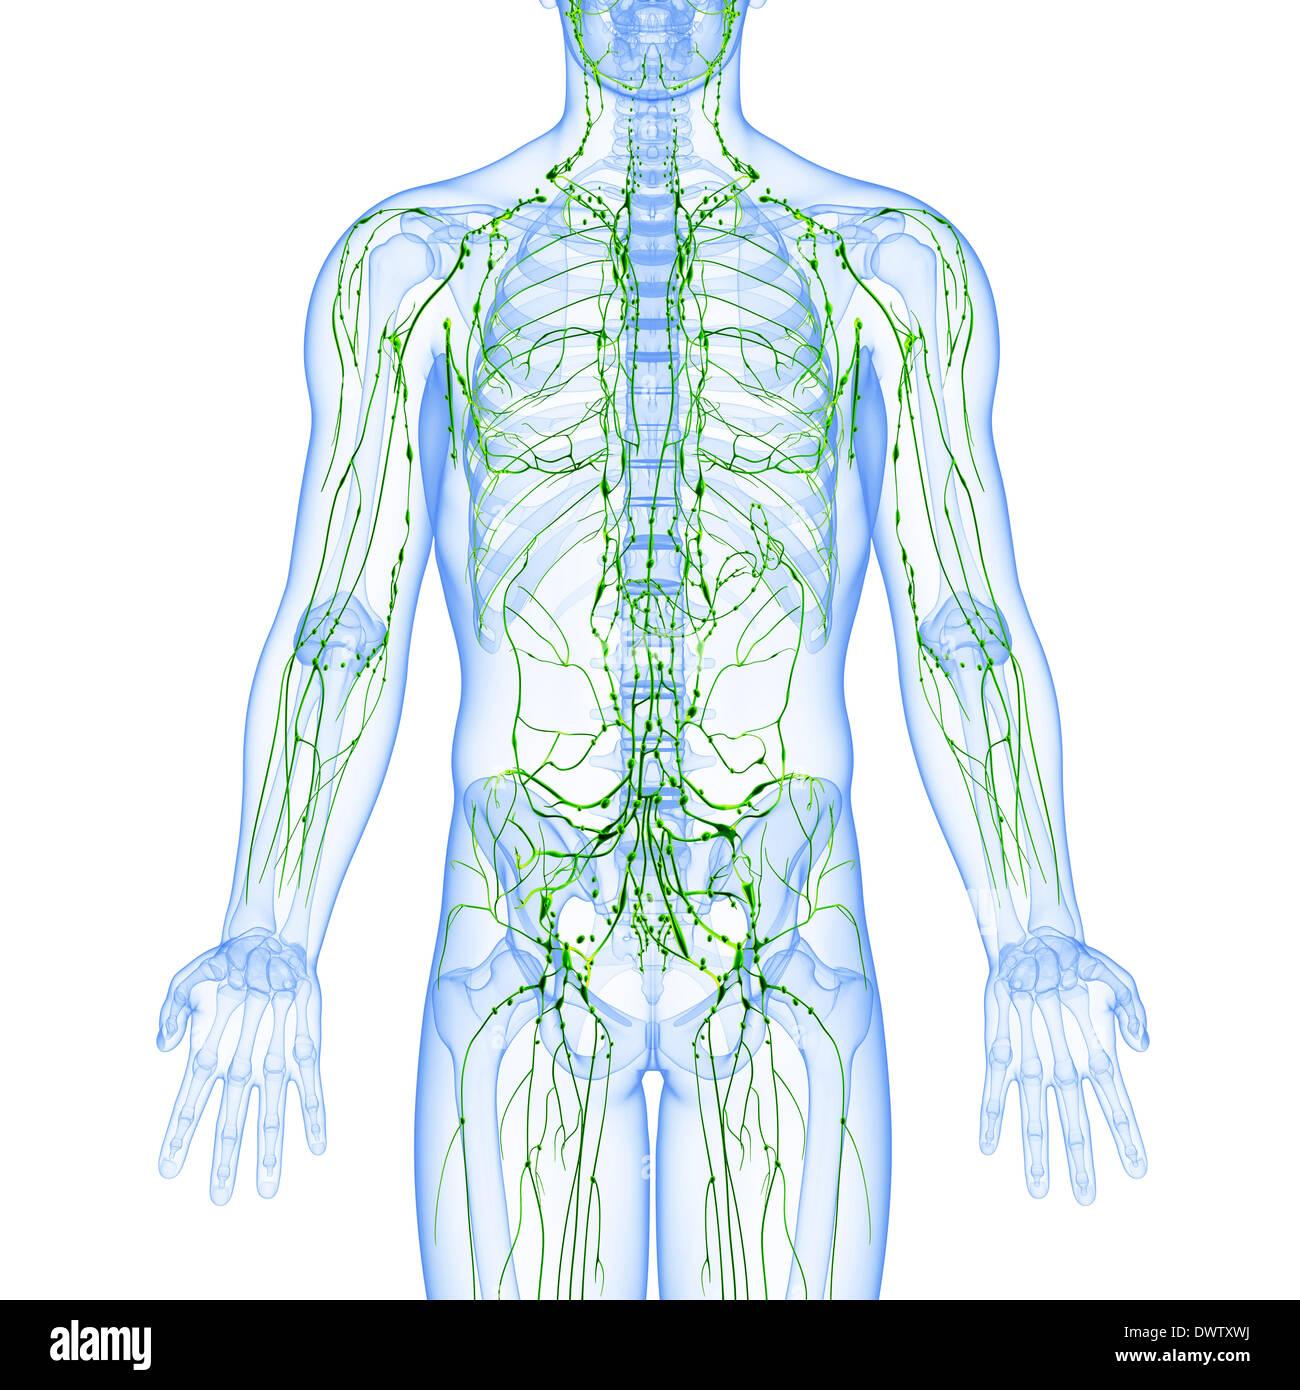 Berühmt Das Lymphsystem Diagramm Bilder - Menschliche Anatomie ...